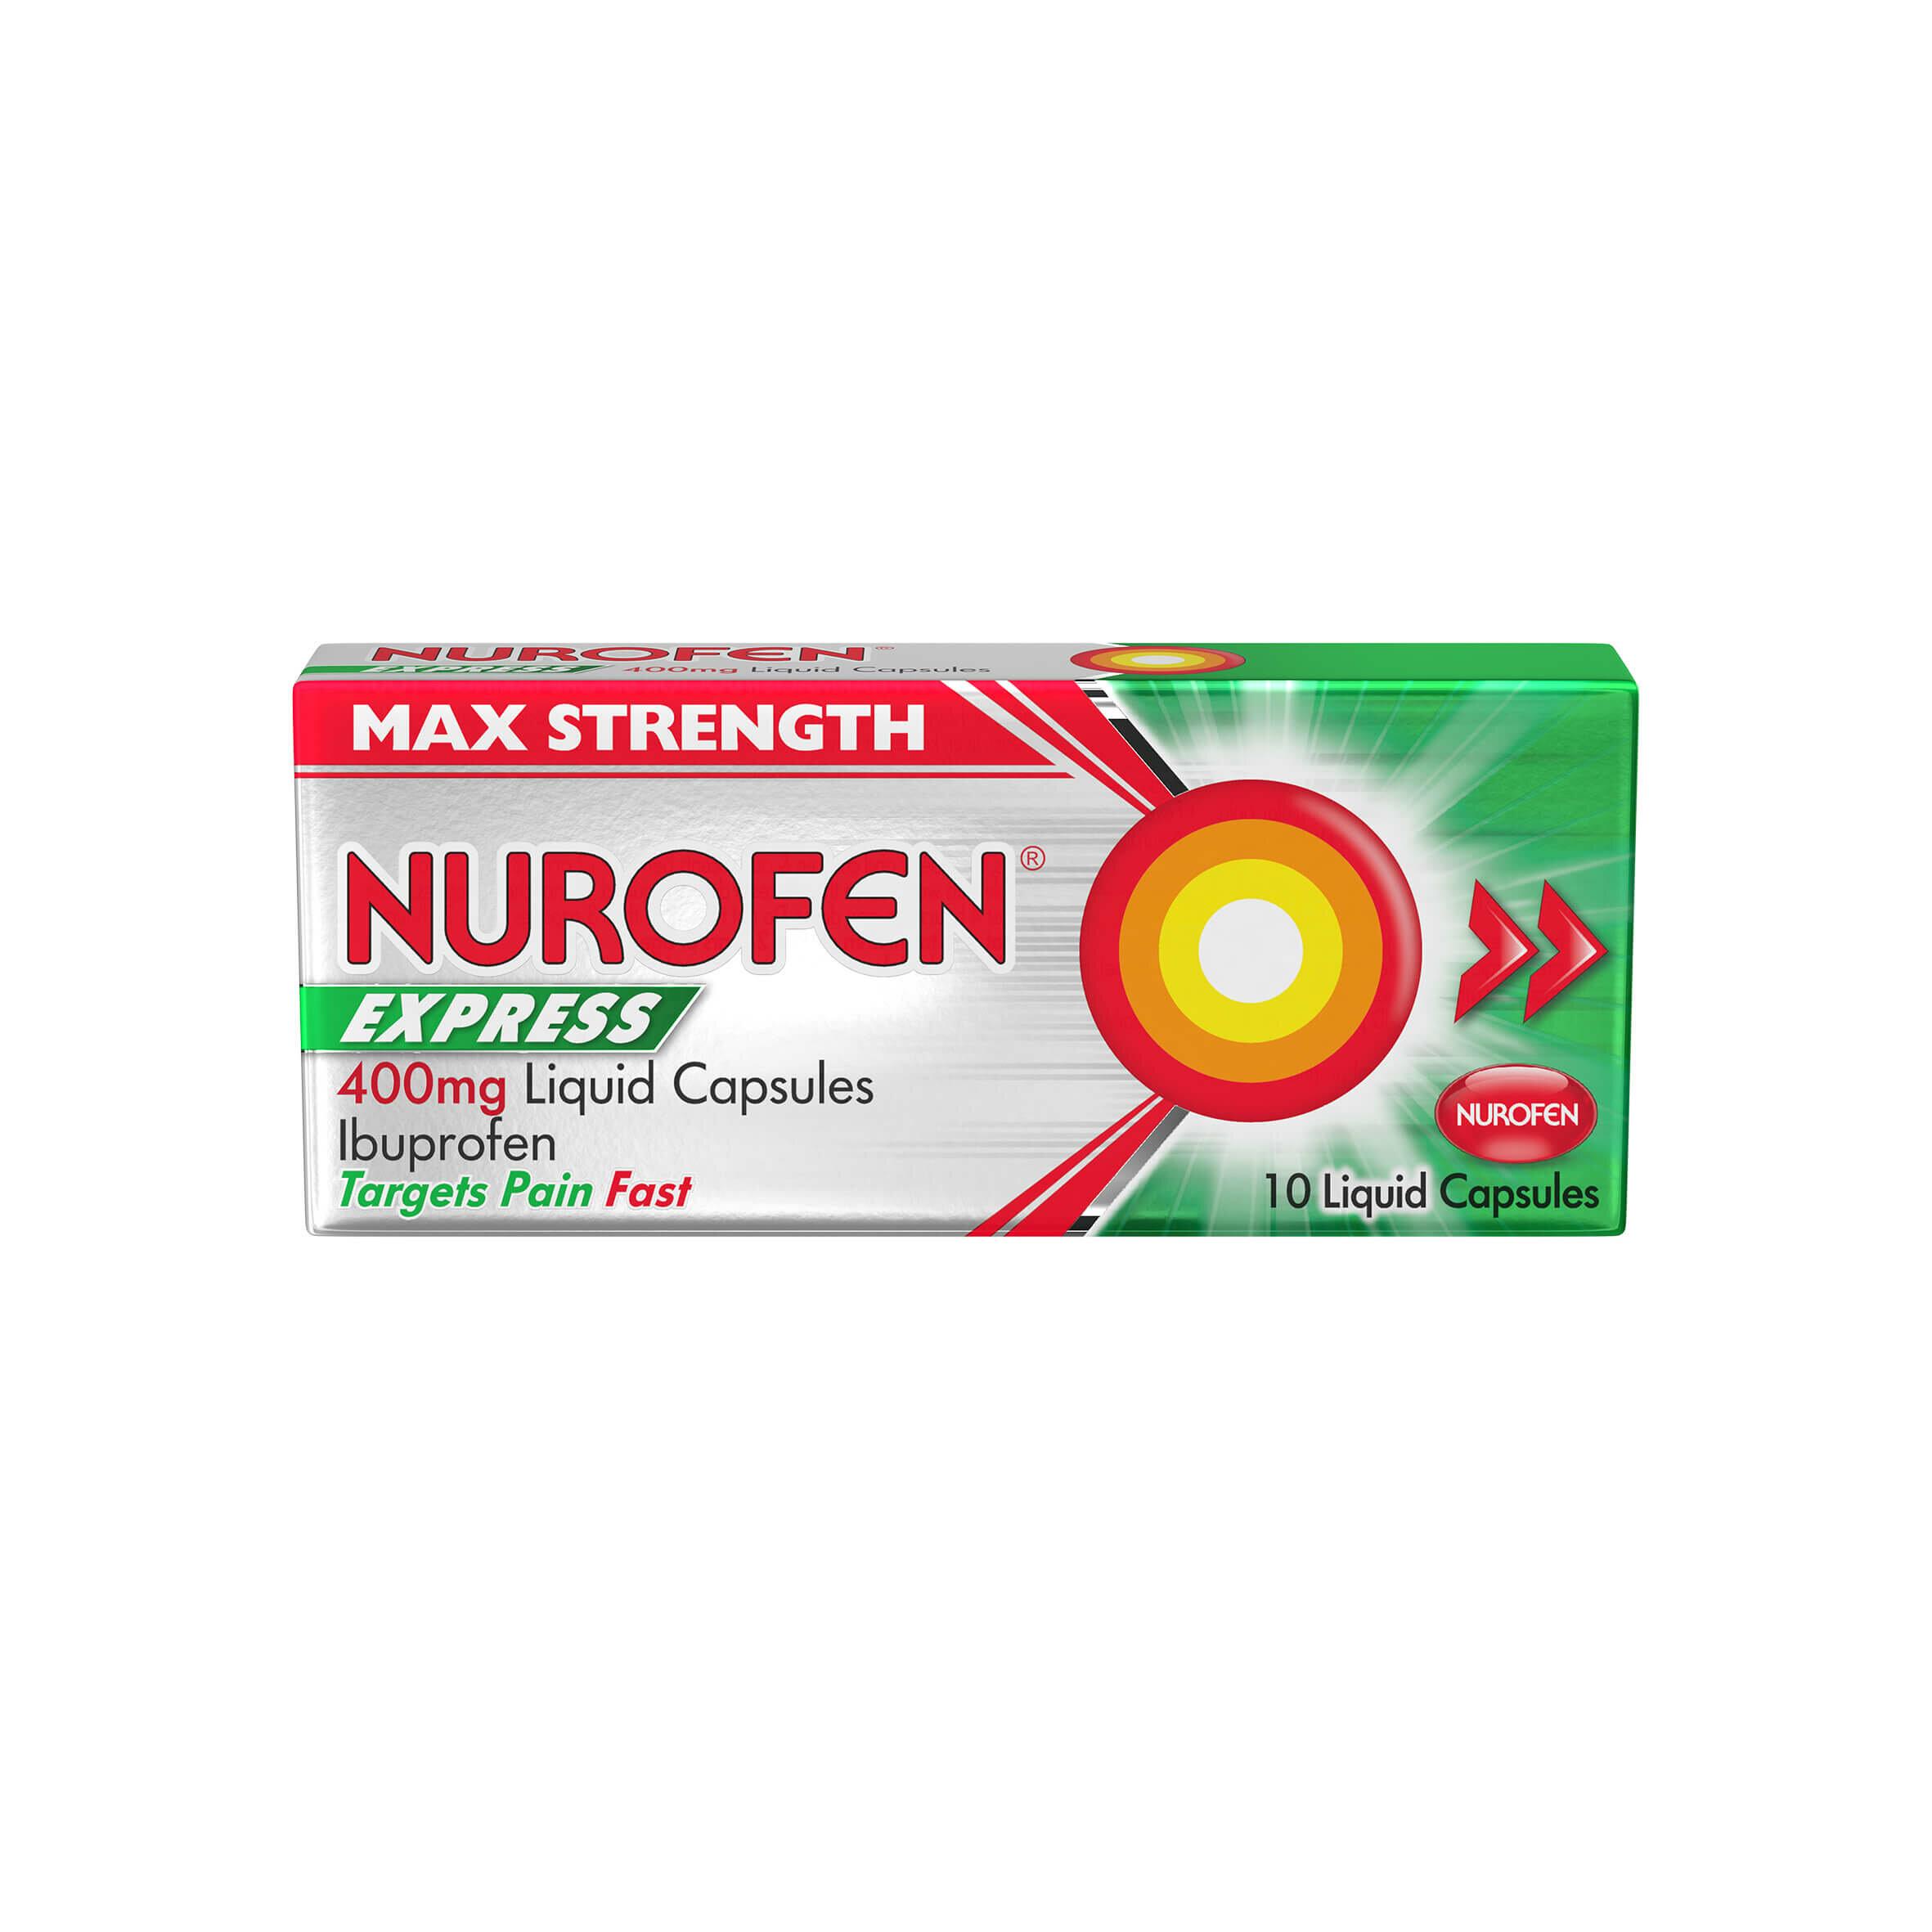 Nurofen Express Max Strength  Liquid Capsules